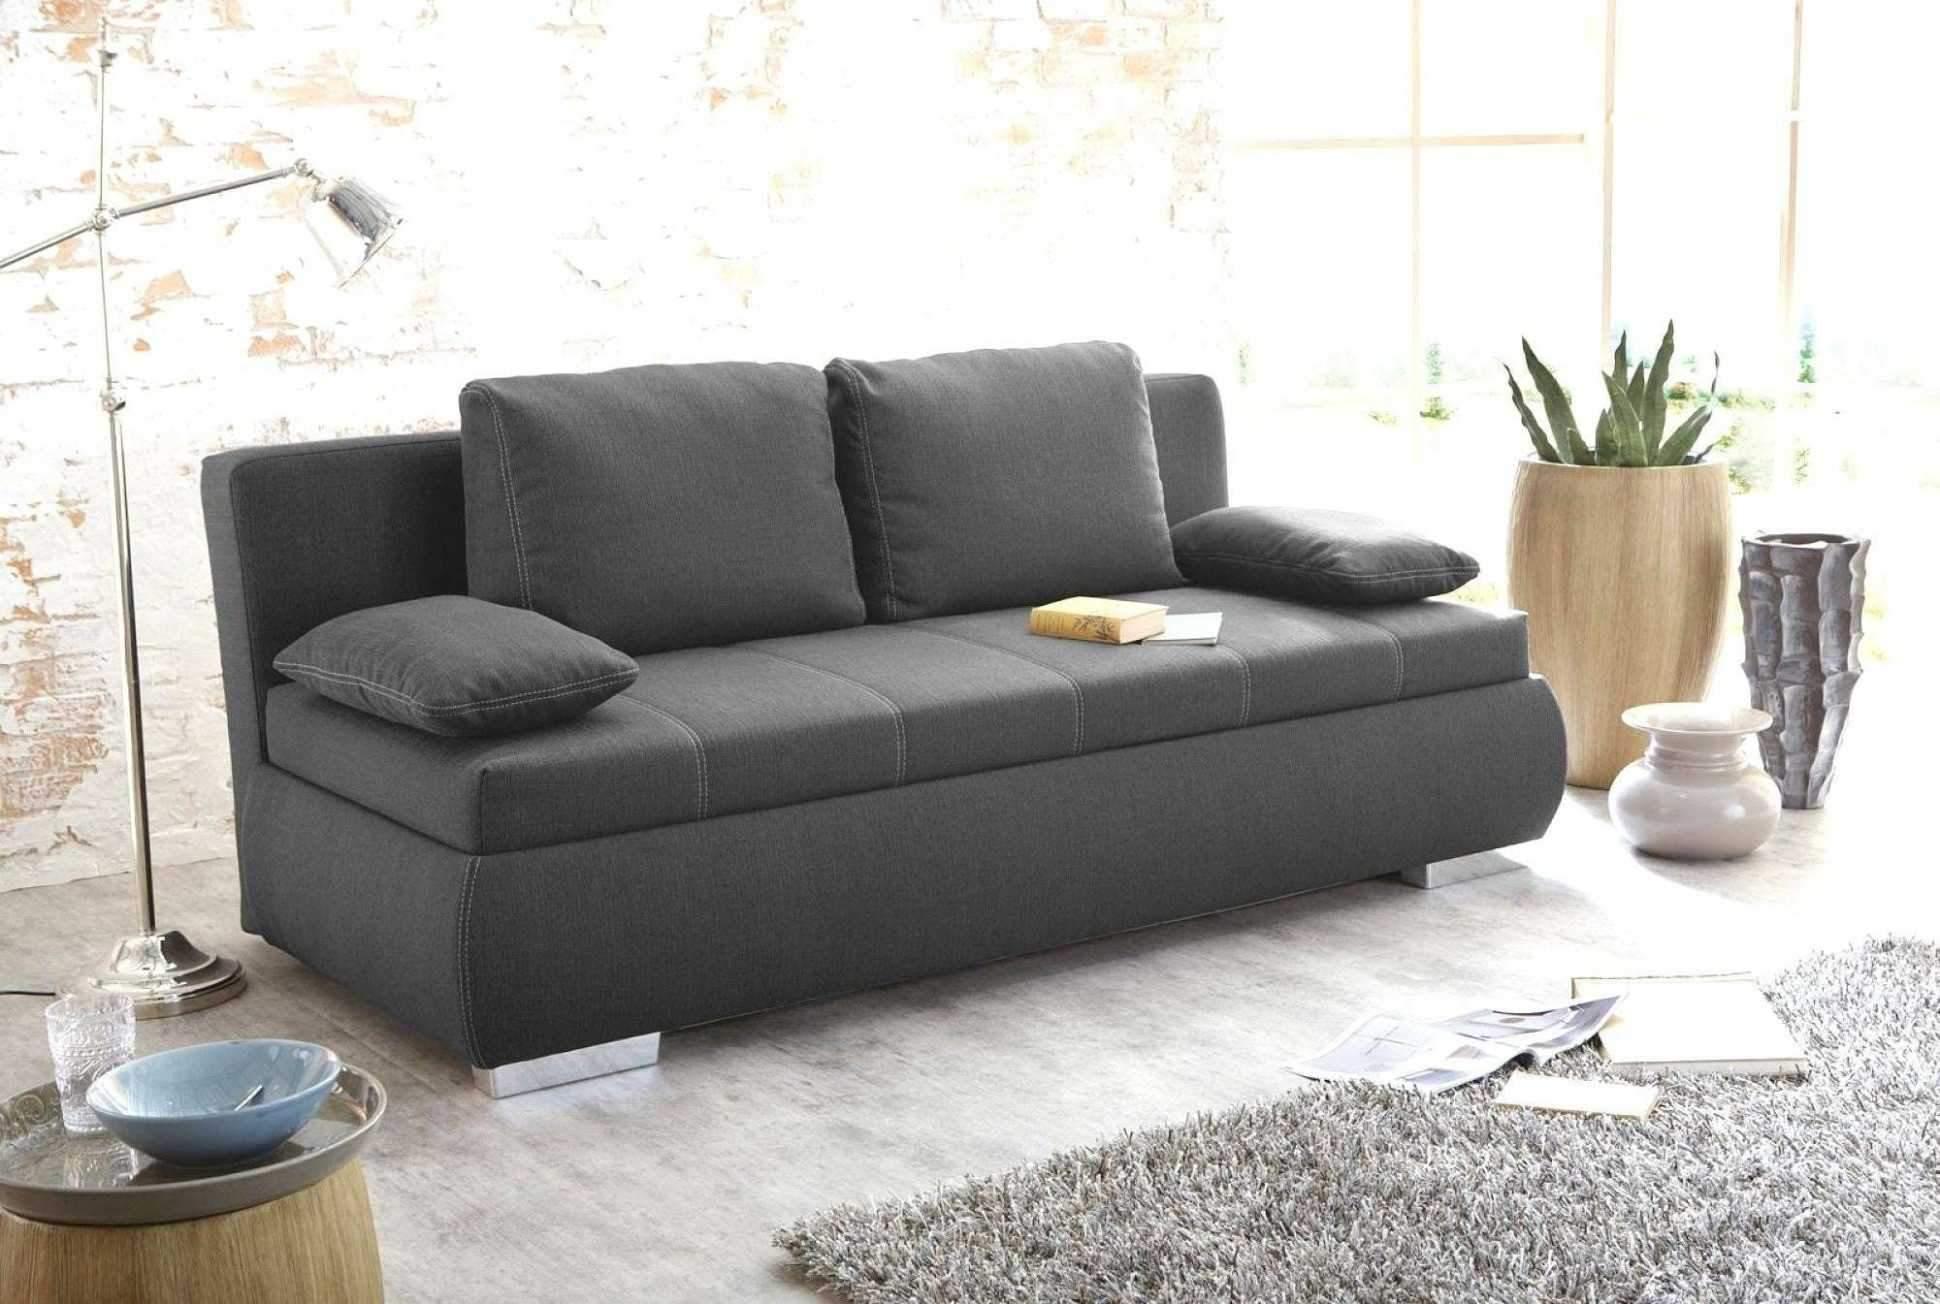 Garten Ideen Günstig Einzigartig 33 Das Beste Von Wohnzimmer Couch Günstig Reizend